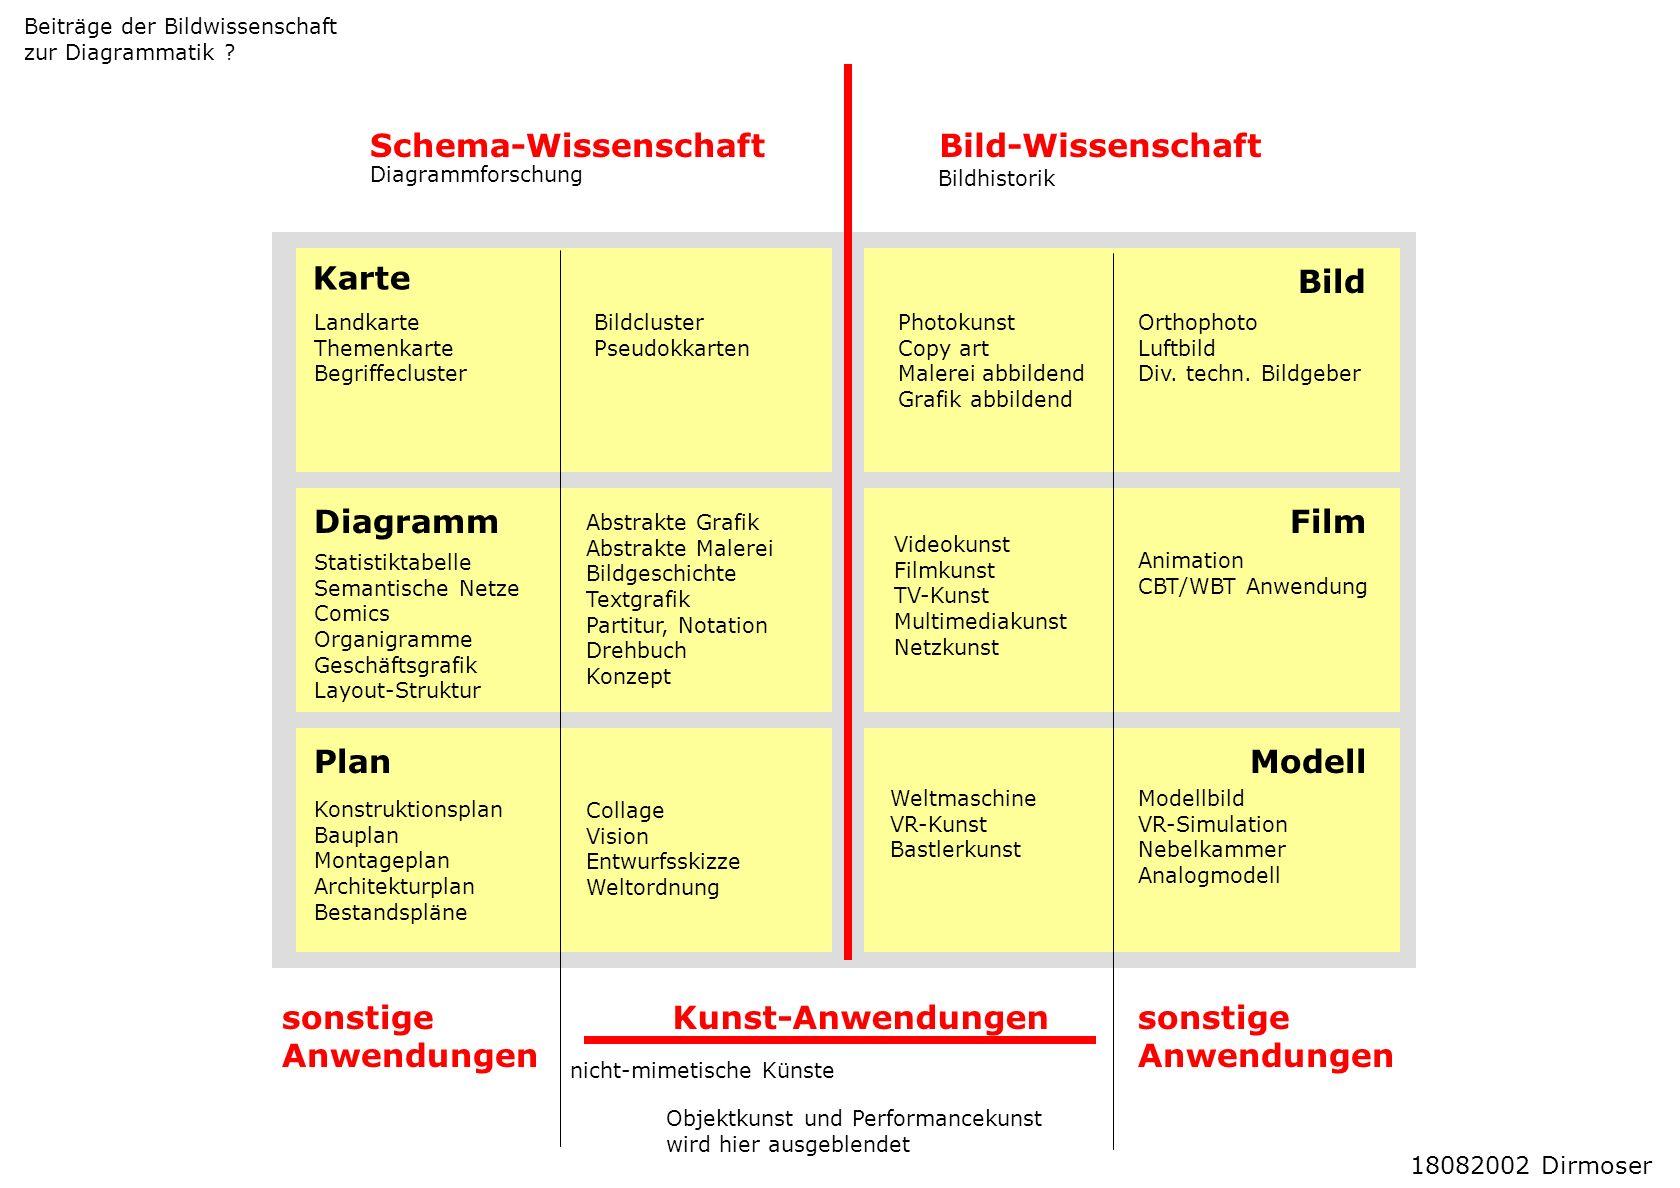 Schema-WissenschaftBild-Wissenschaft Karte Diagramm Plan Kunst-Anwendungen Bild Orthophoto Luftbild Div. techn. Bildgeber Landkarte Themenkarte Begrif